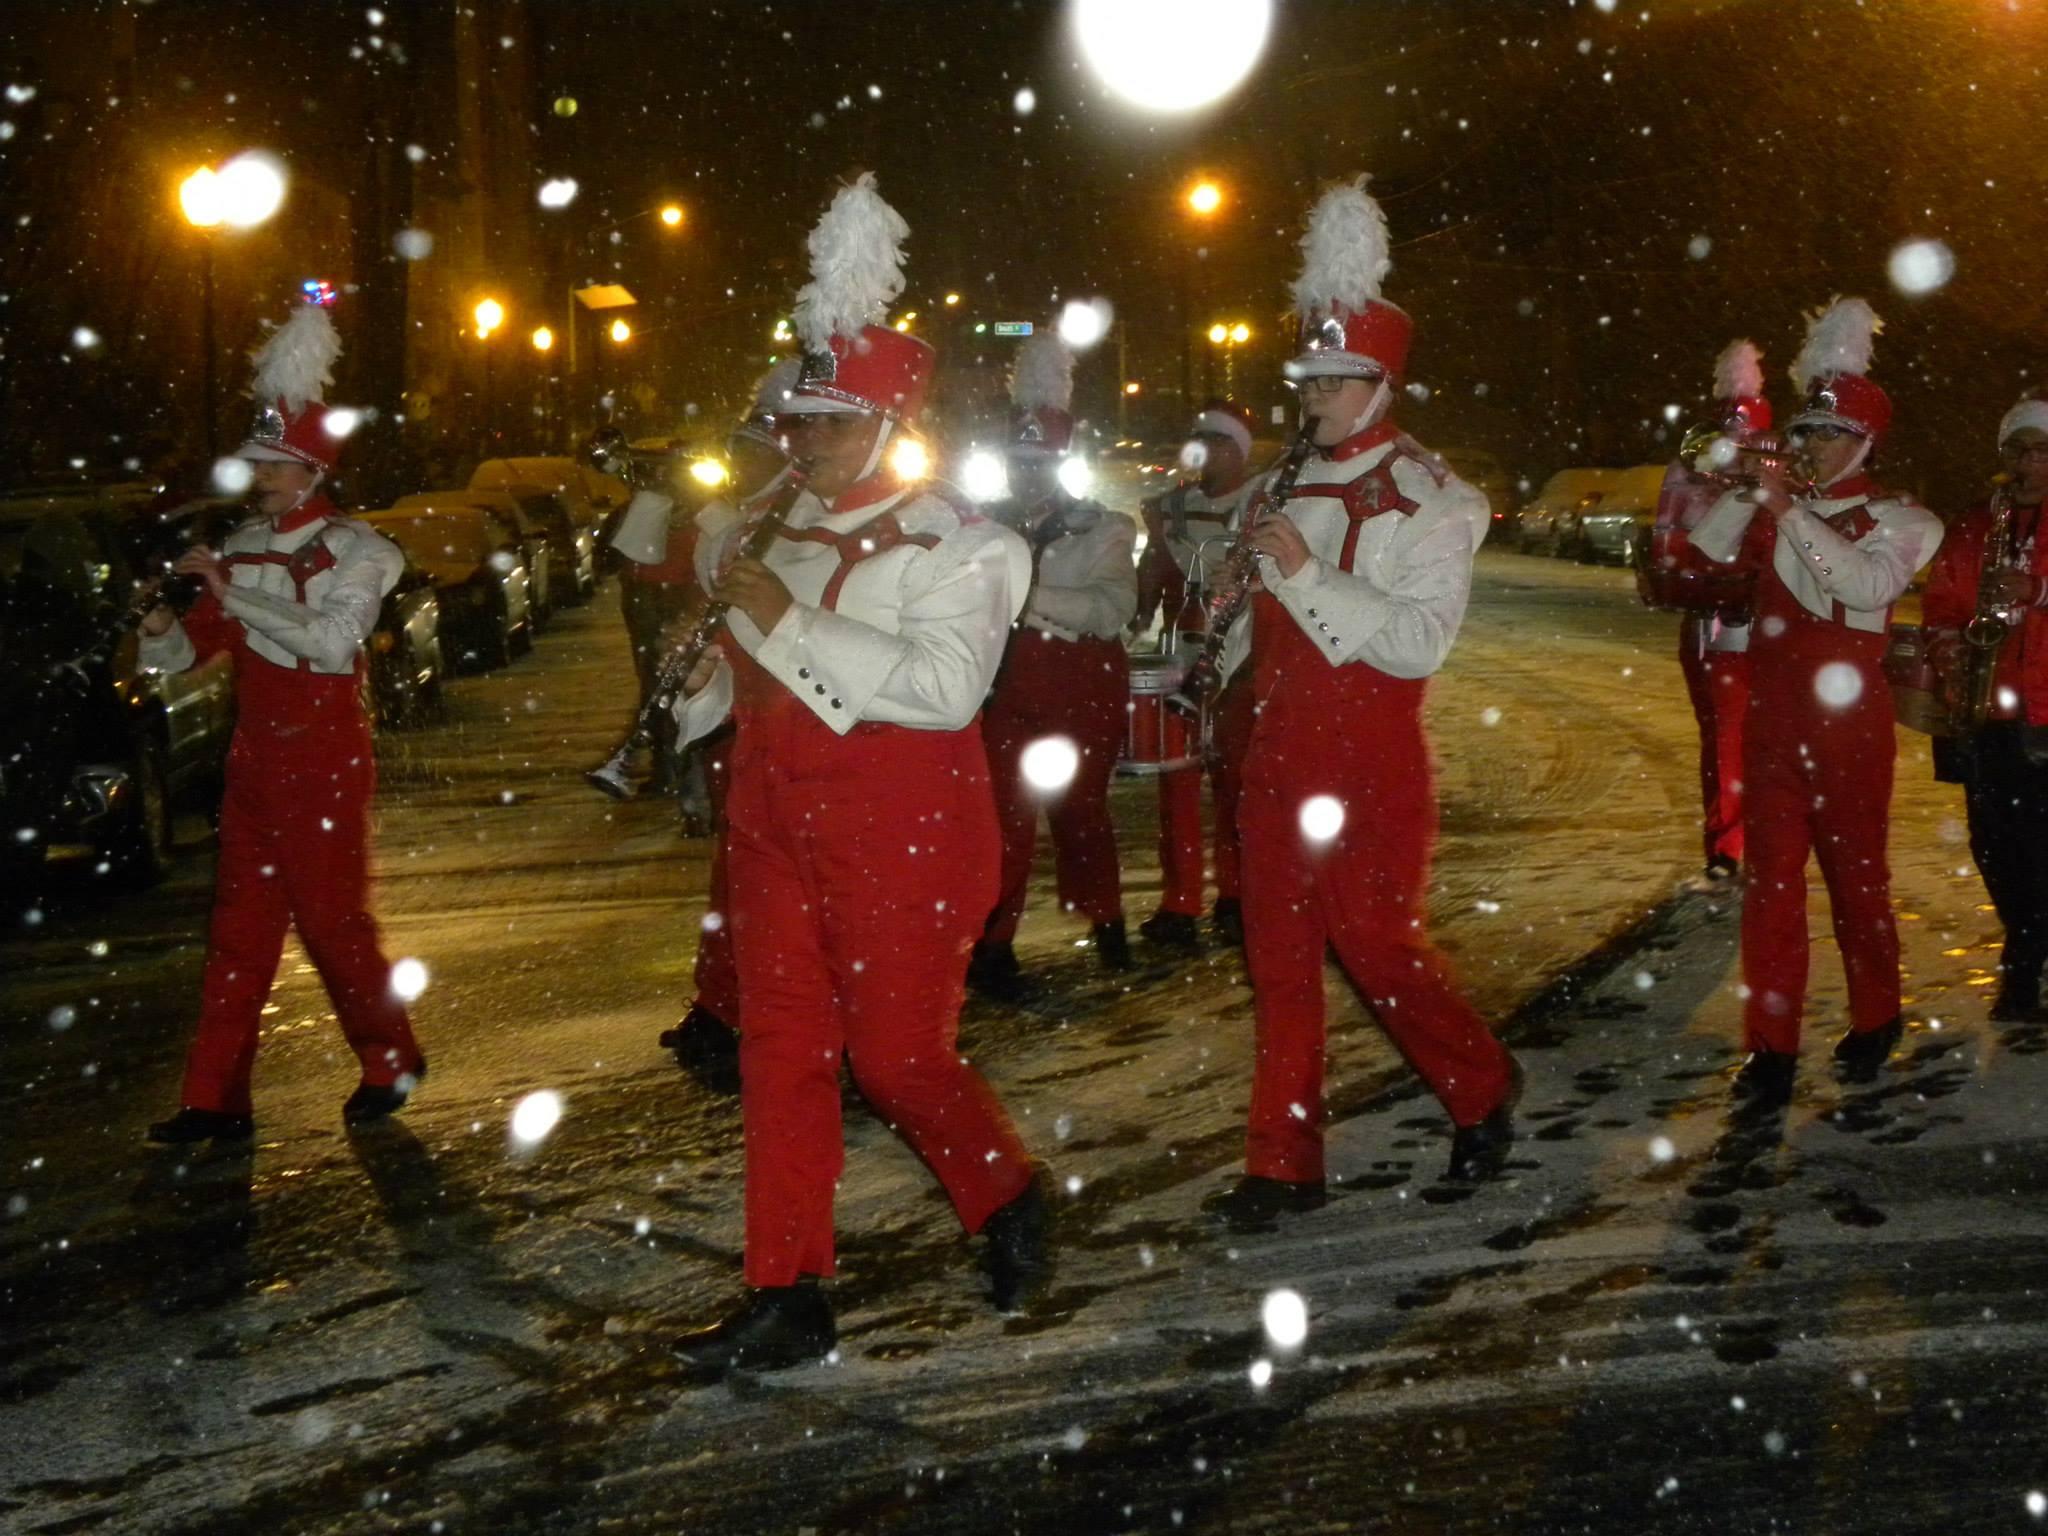 Christmas Parade & Tree Lighting Ceremony